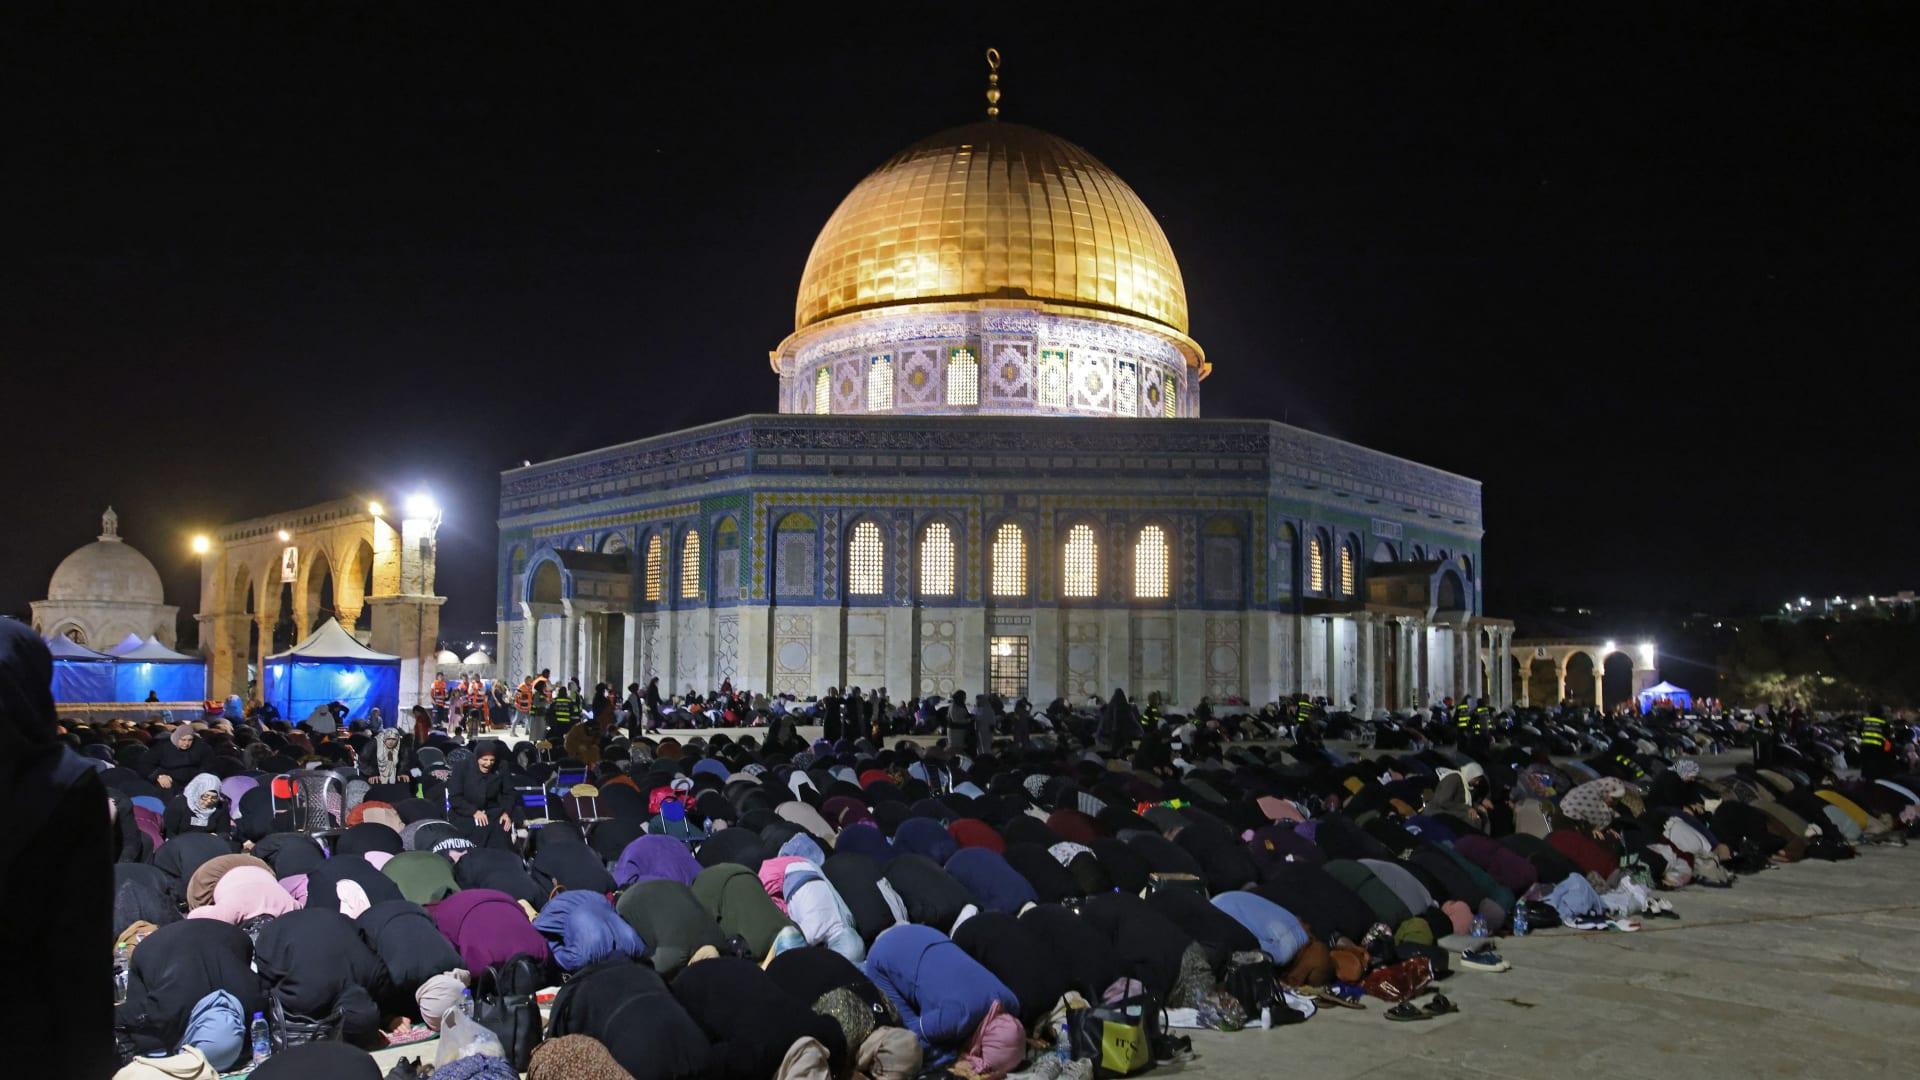 التطورات في القدس.. الهلال الأحمر: 10 إصابات جديدة في المسجد الأقصى فجر الأحد